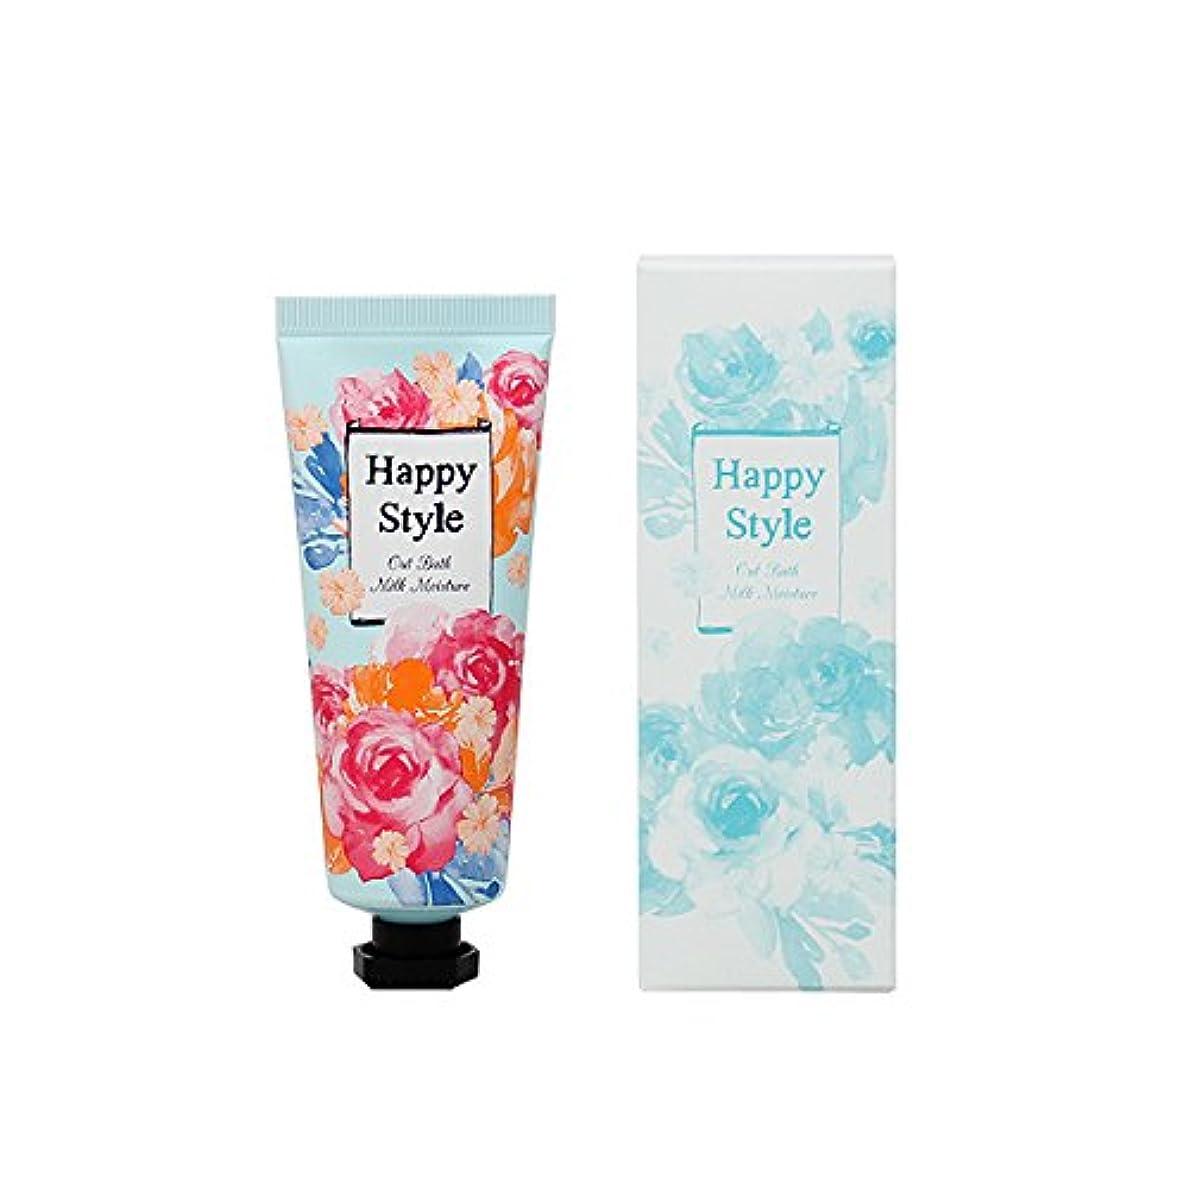 ソーセージ勇敢なボックス菊星 ハッピースタイル ミルクモイスチュア(洗い流さないトリートメント) 40g